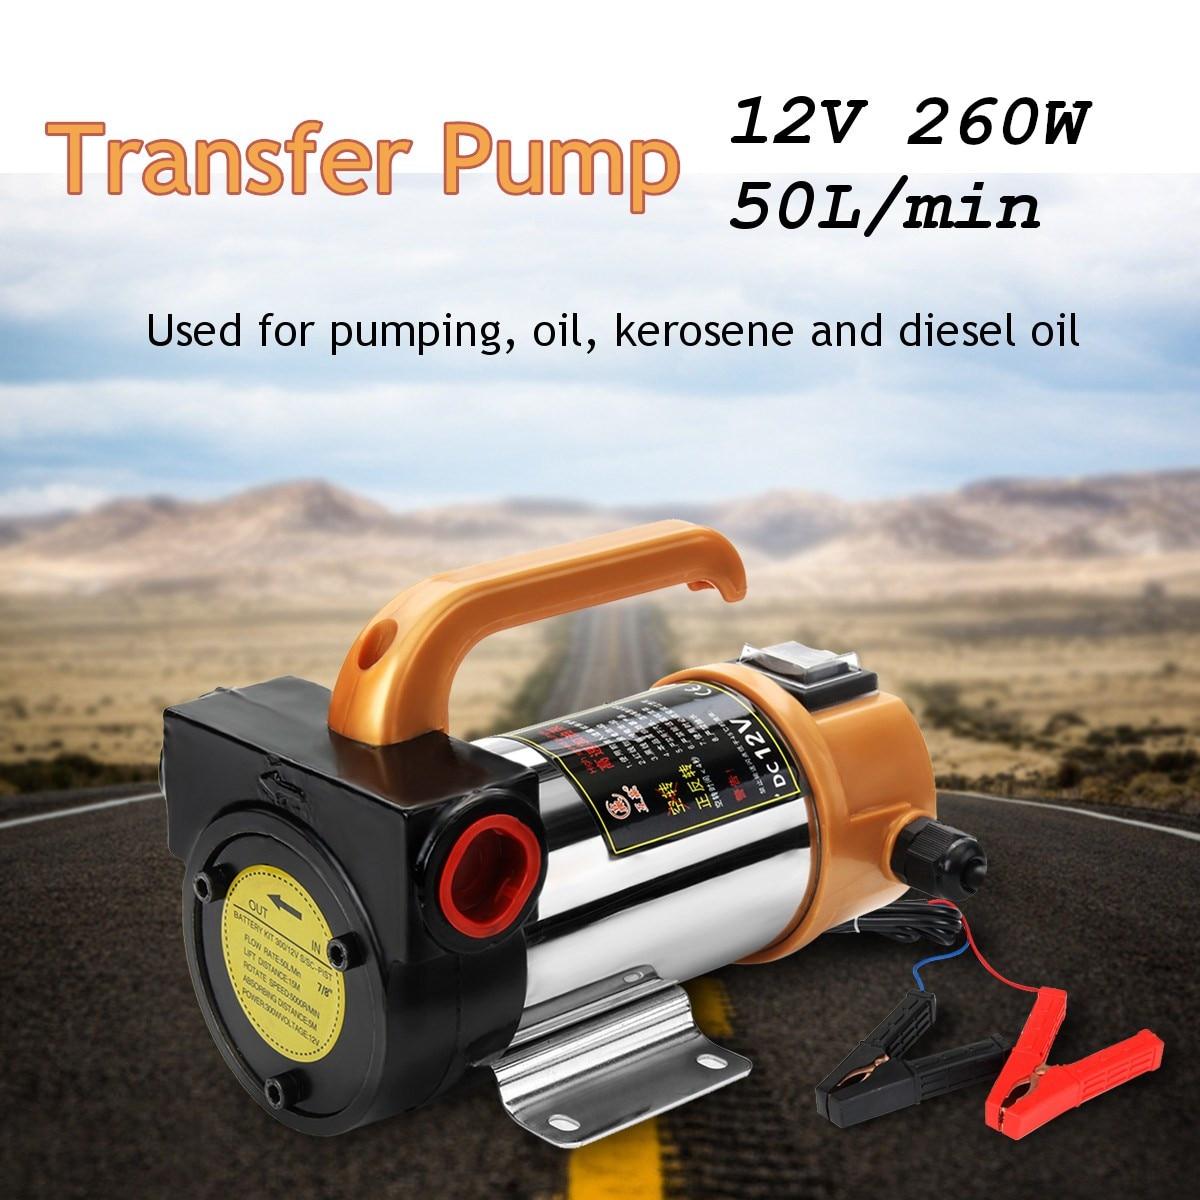 Moteur de voiture 12 V 260 W Portable pour pompe de transfert de mazout Diesel pompe à huile auto-amorçante 50L/Min